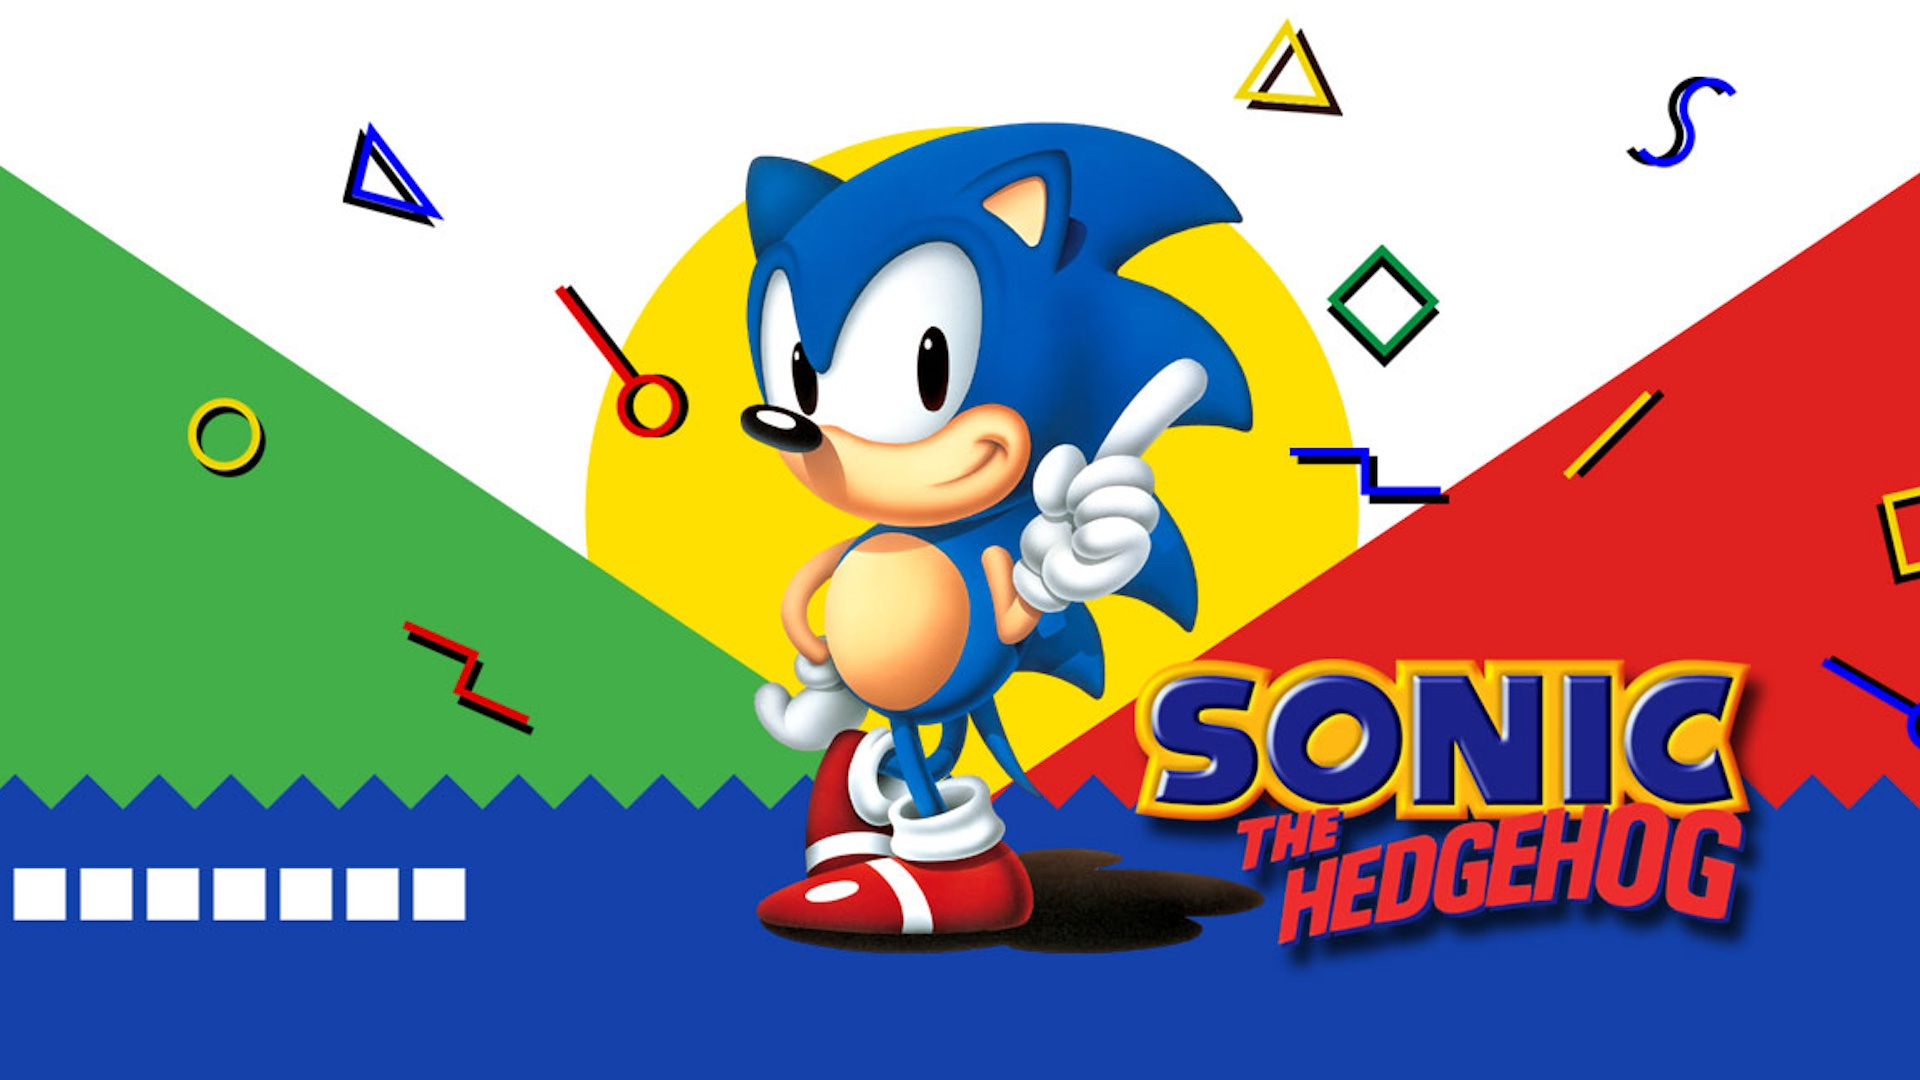 Artwork of Sonic the Hedghog from the original Sega Genesis game